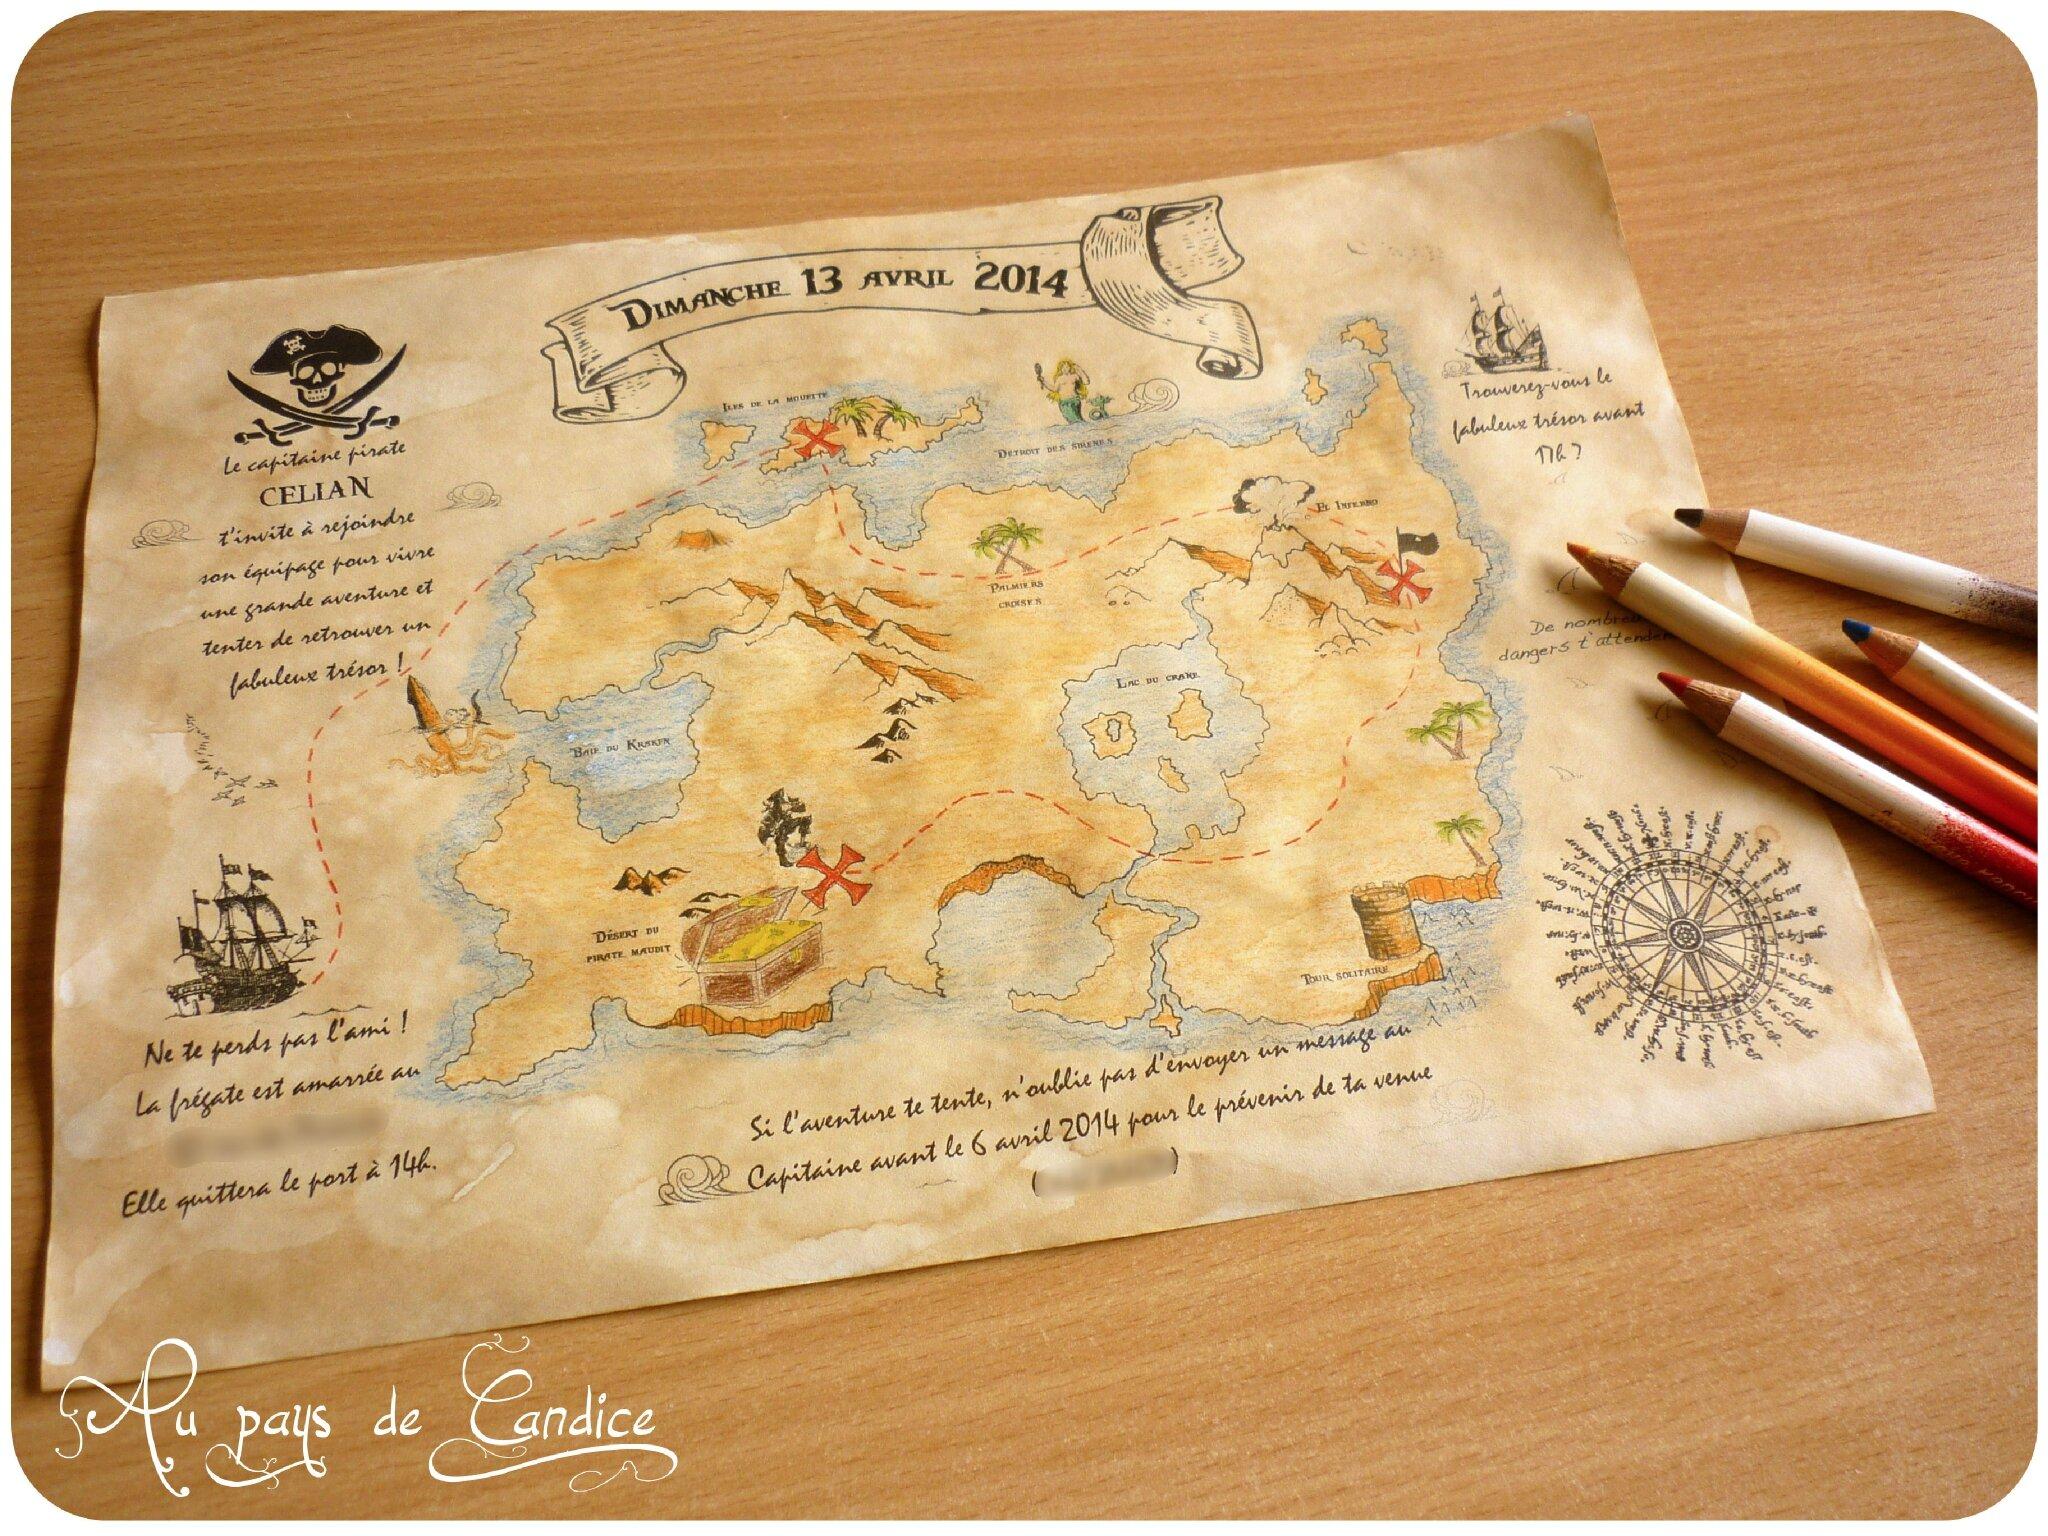 Fabriquer Une Invitation Pour Une Fete Pirate Au Pays De Candice